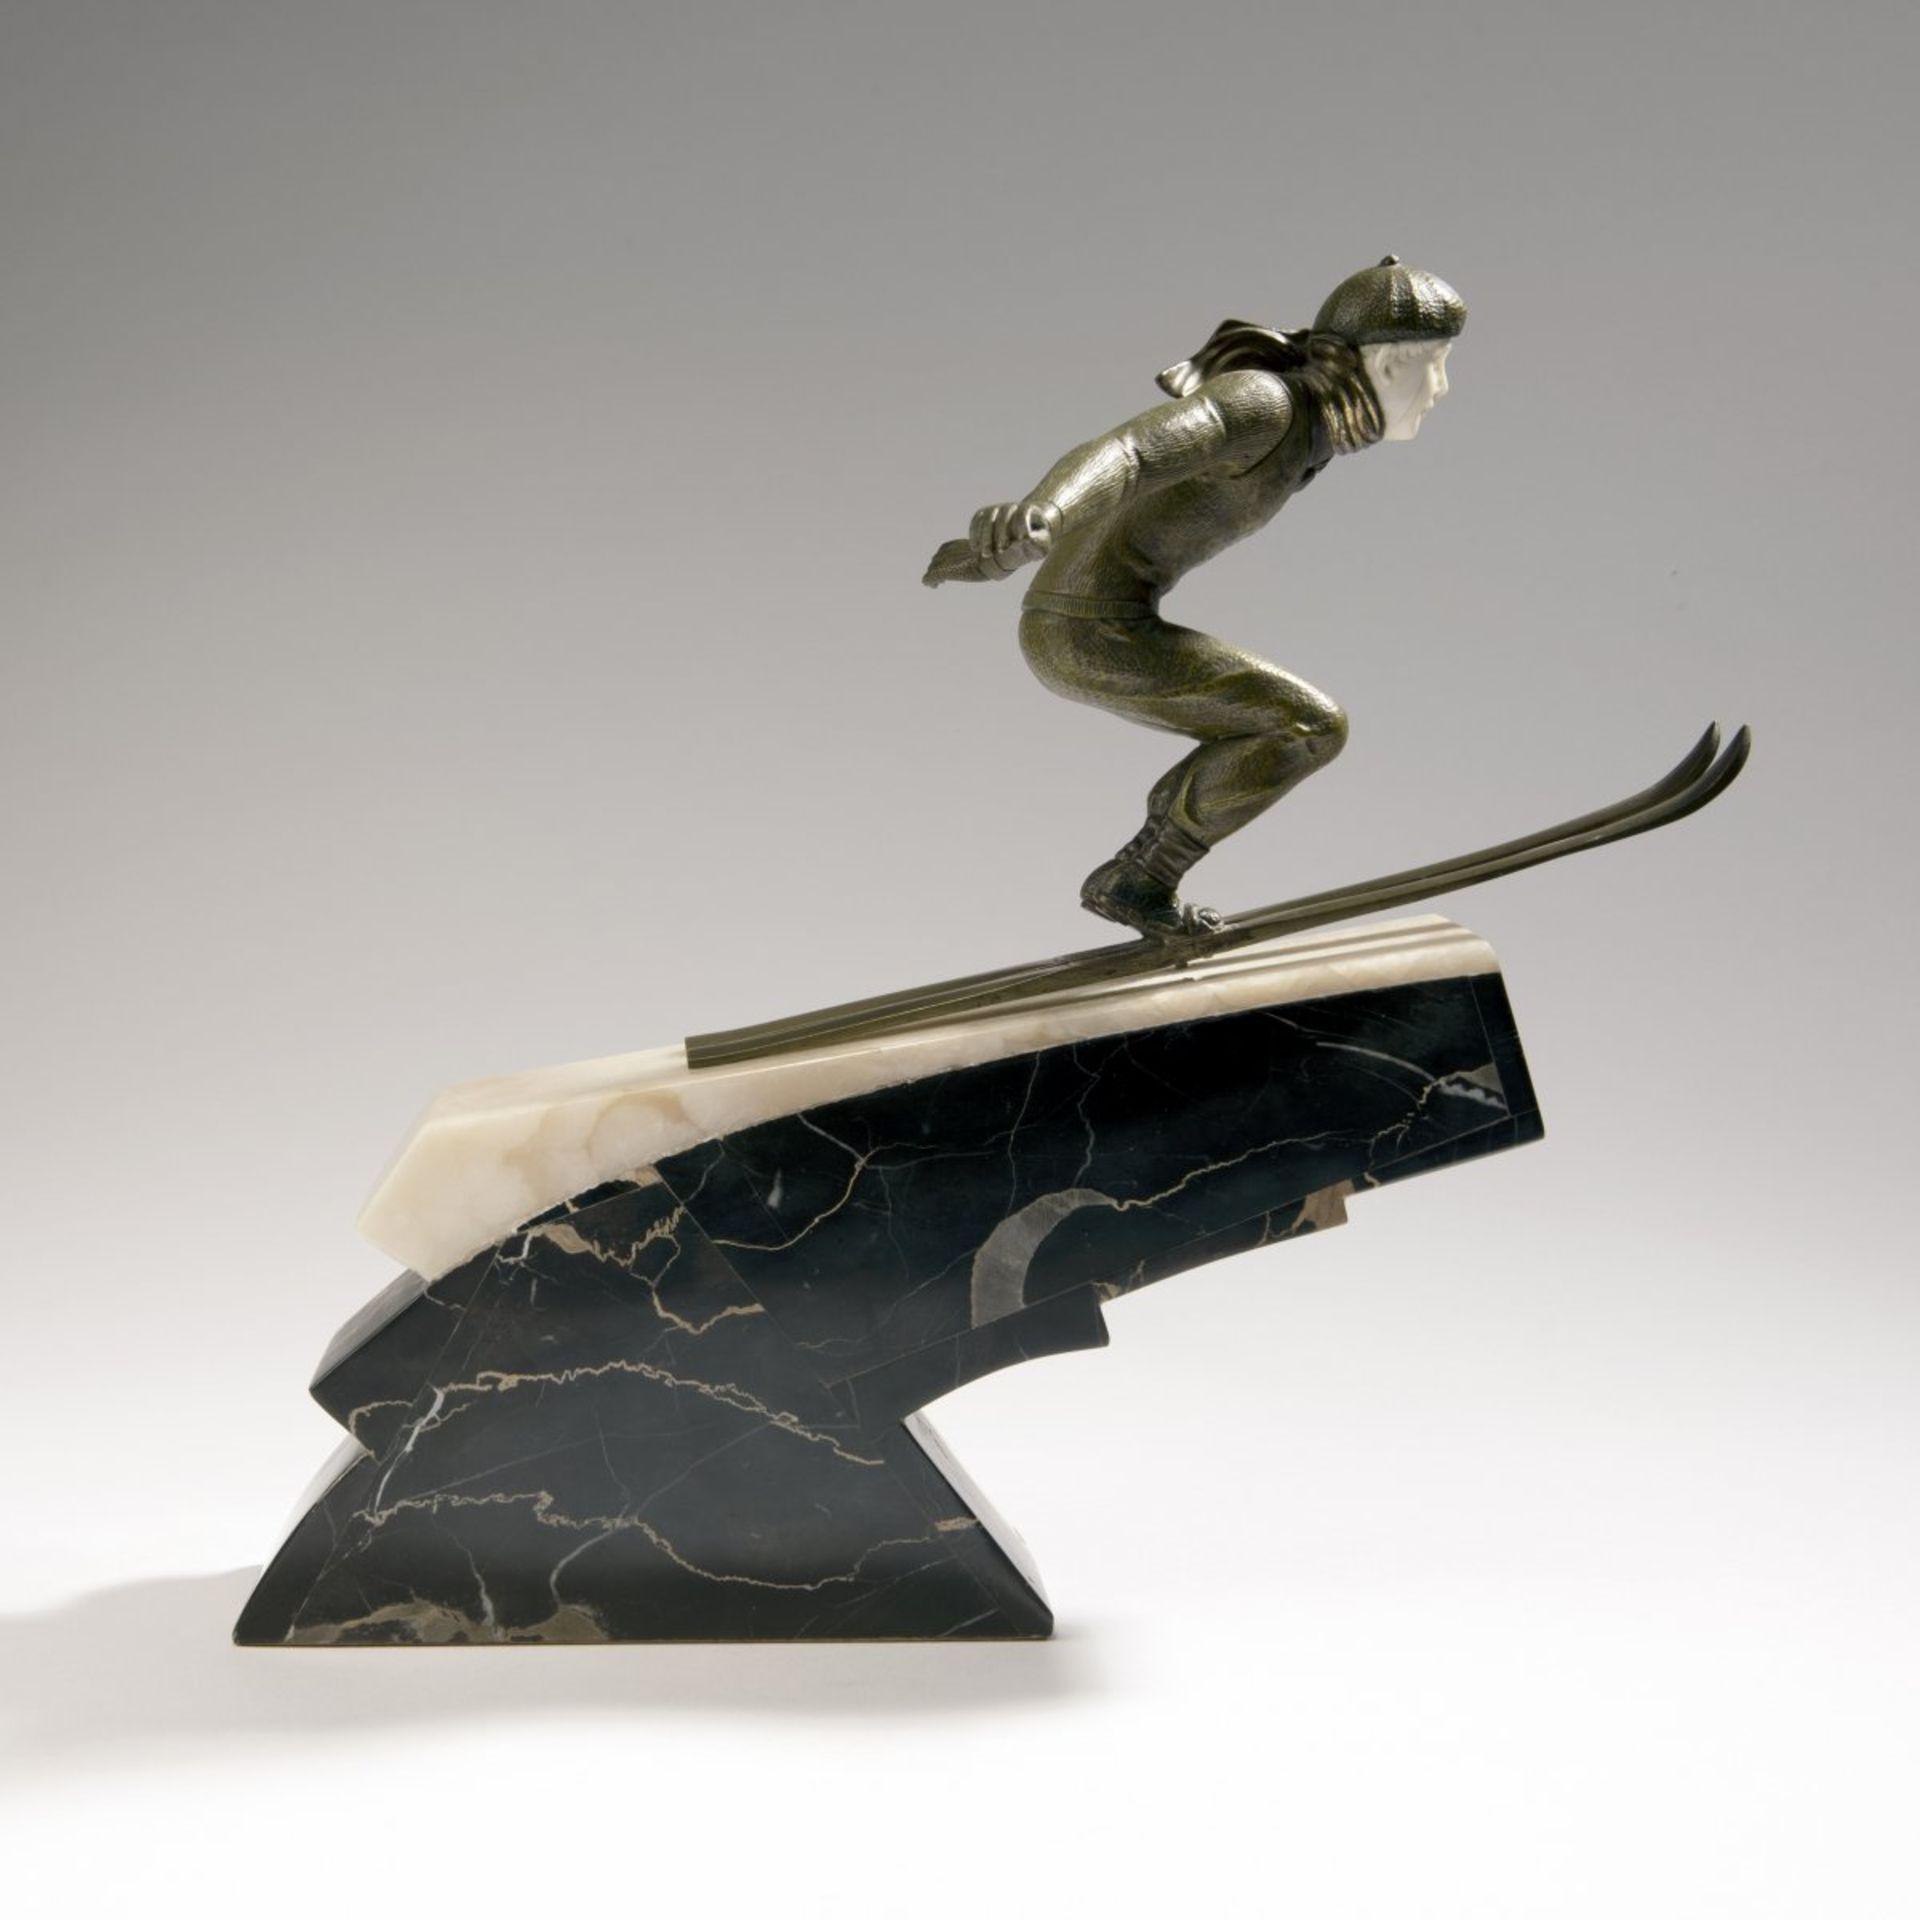 Jean Jacquemin, 'Skispringer', um 1925 - Bild 3 aus 7